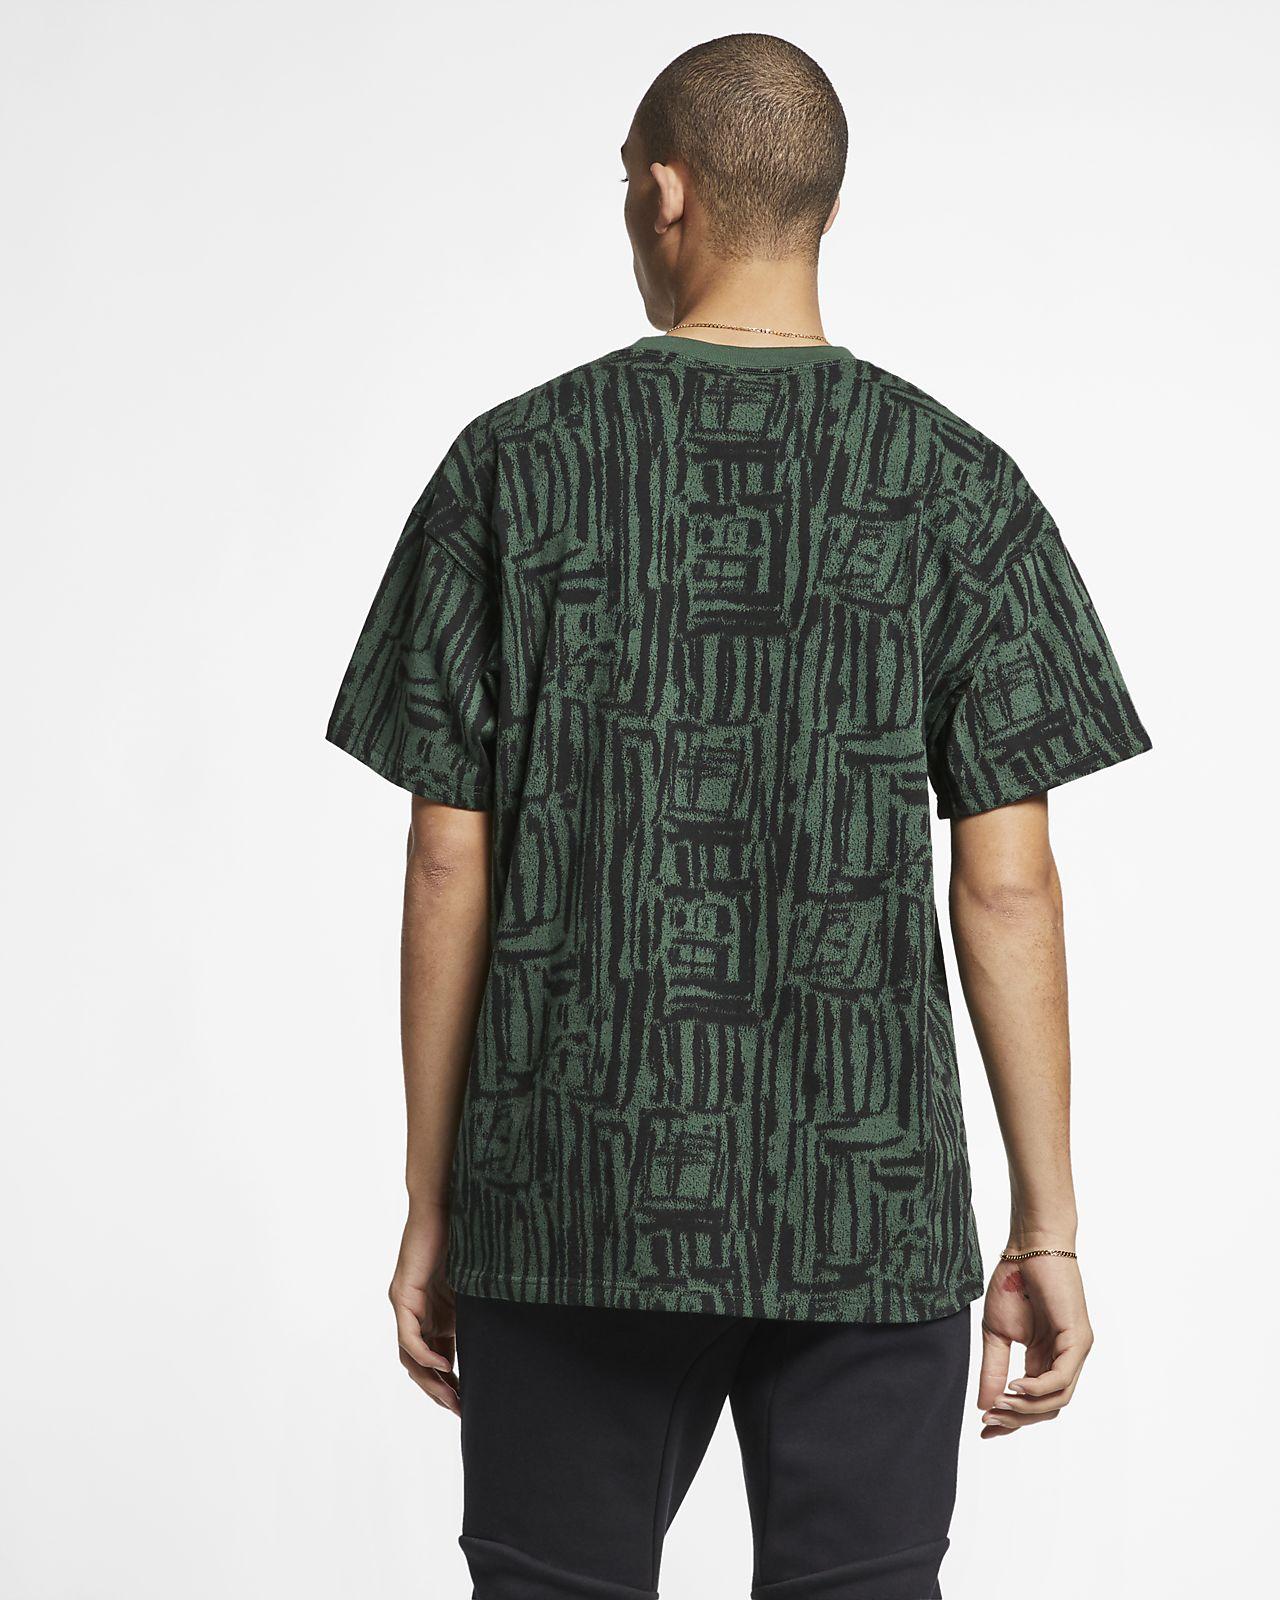 804f1d409095e T-shirt a manica corta con grafica Nike ACG - Uomo. Nike.com IT